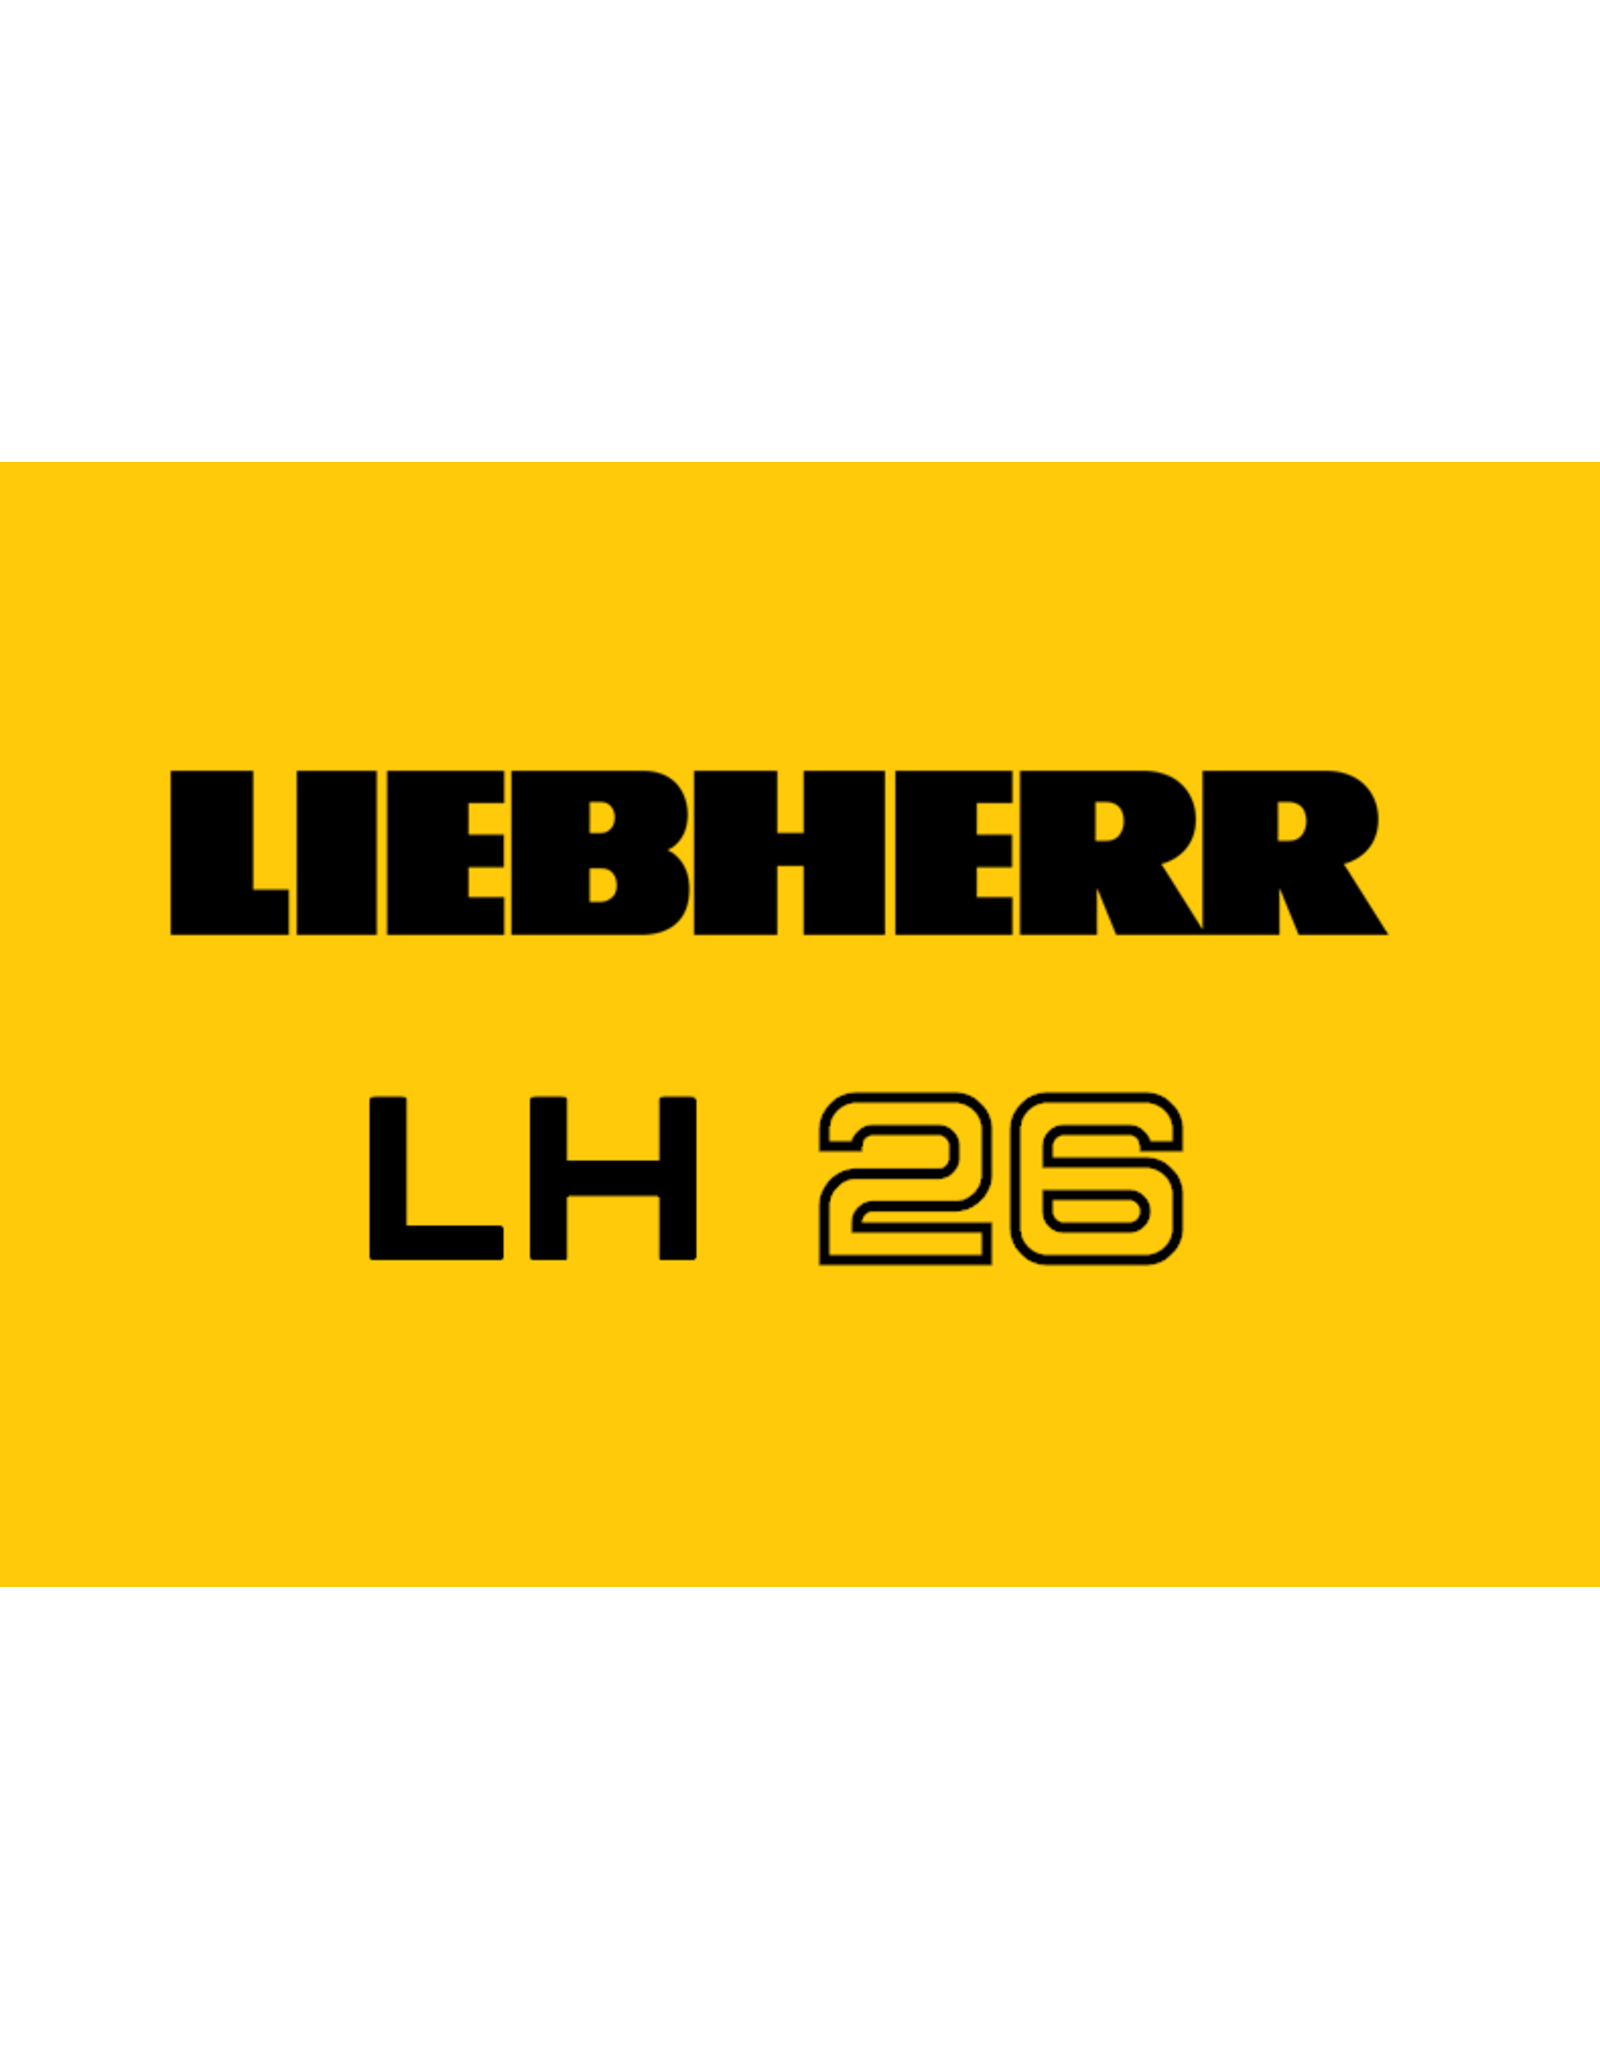 Echle Hartstahl GmbH FOPS für Liebherr LH 26